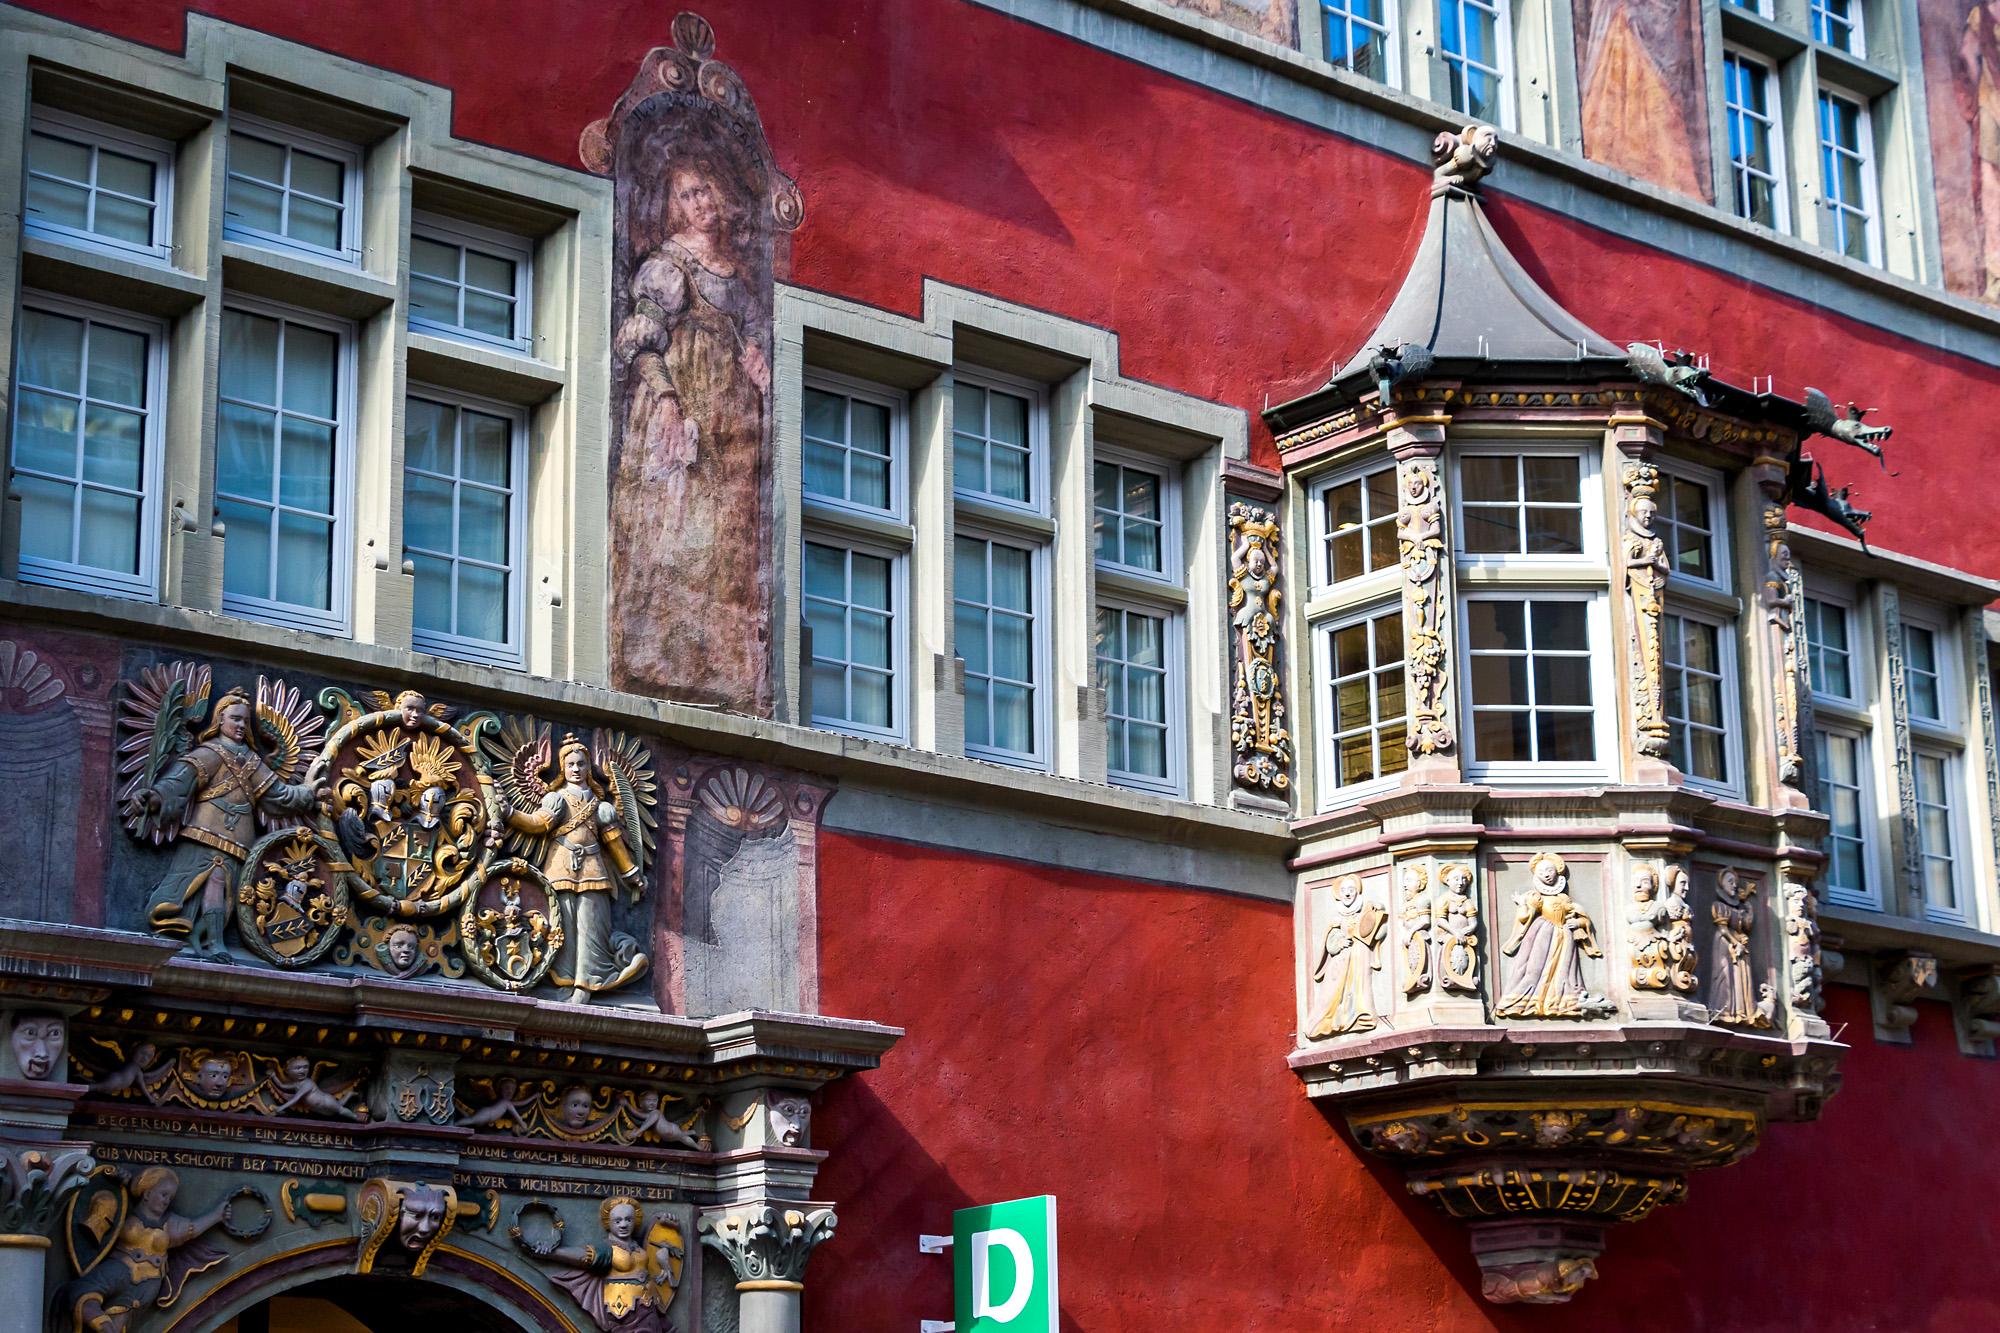 Das Haus zum goldenen Ochsen in der Vorstadt. Die einstige Herberge wurde 1608 in ein nobles Bürgerhaus umgebaut, wozu ihr auch eine prunkvolle spätgotische Fassade im Stil der Deutschen Renaissance spendiert wurden. Erker und Portal zeigen Szenen aus der babylonischen und griechischen Geschichte